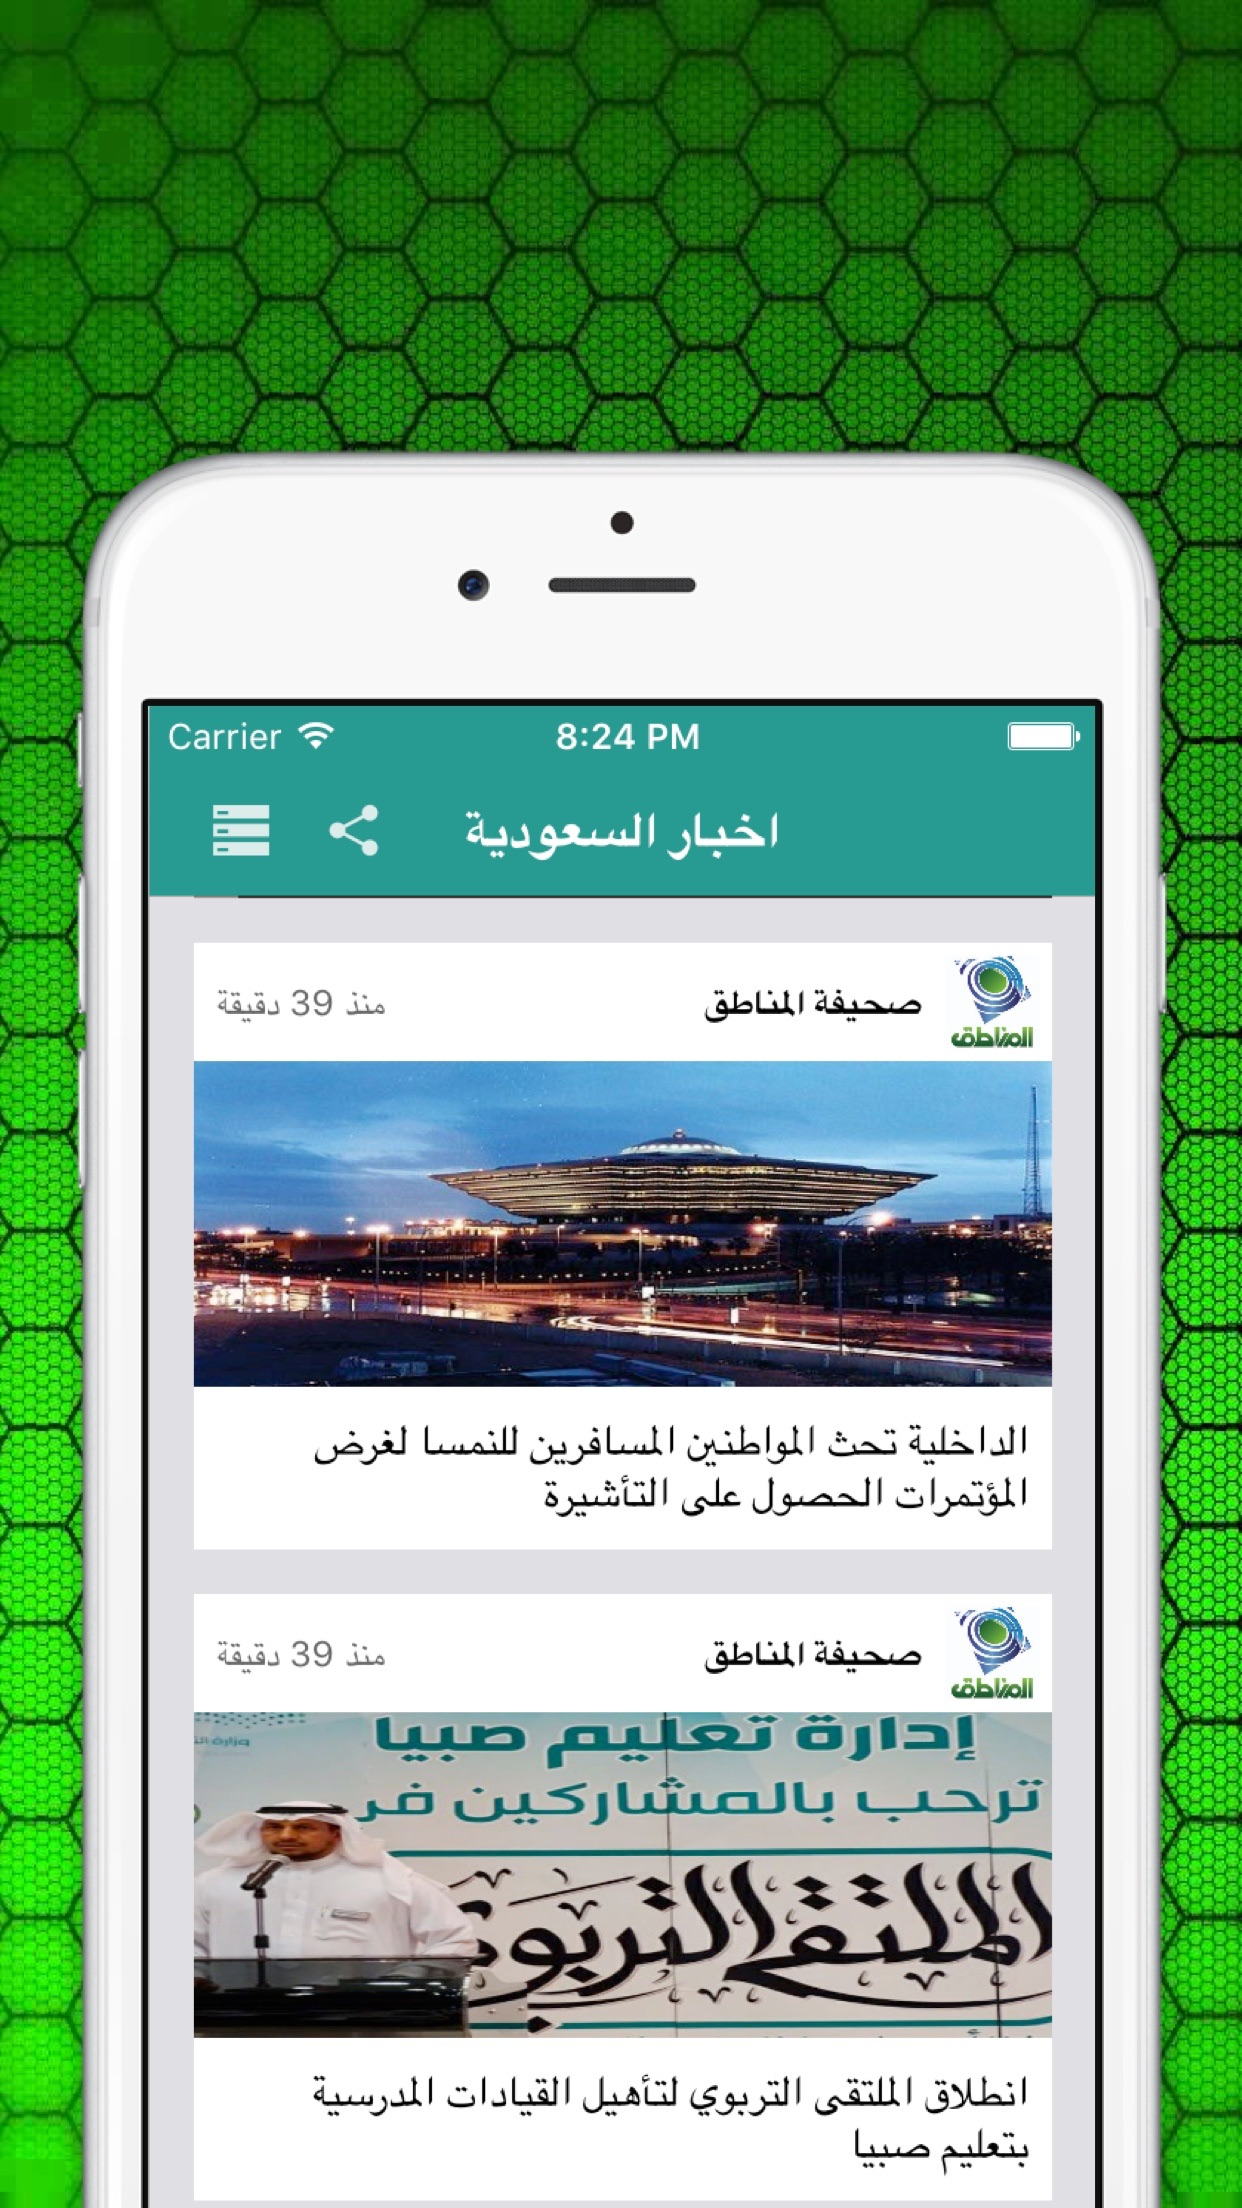 اخبار السعودية | الموجز | عاجل Screenshot